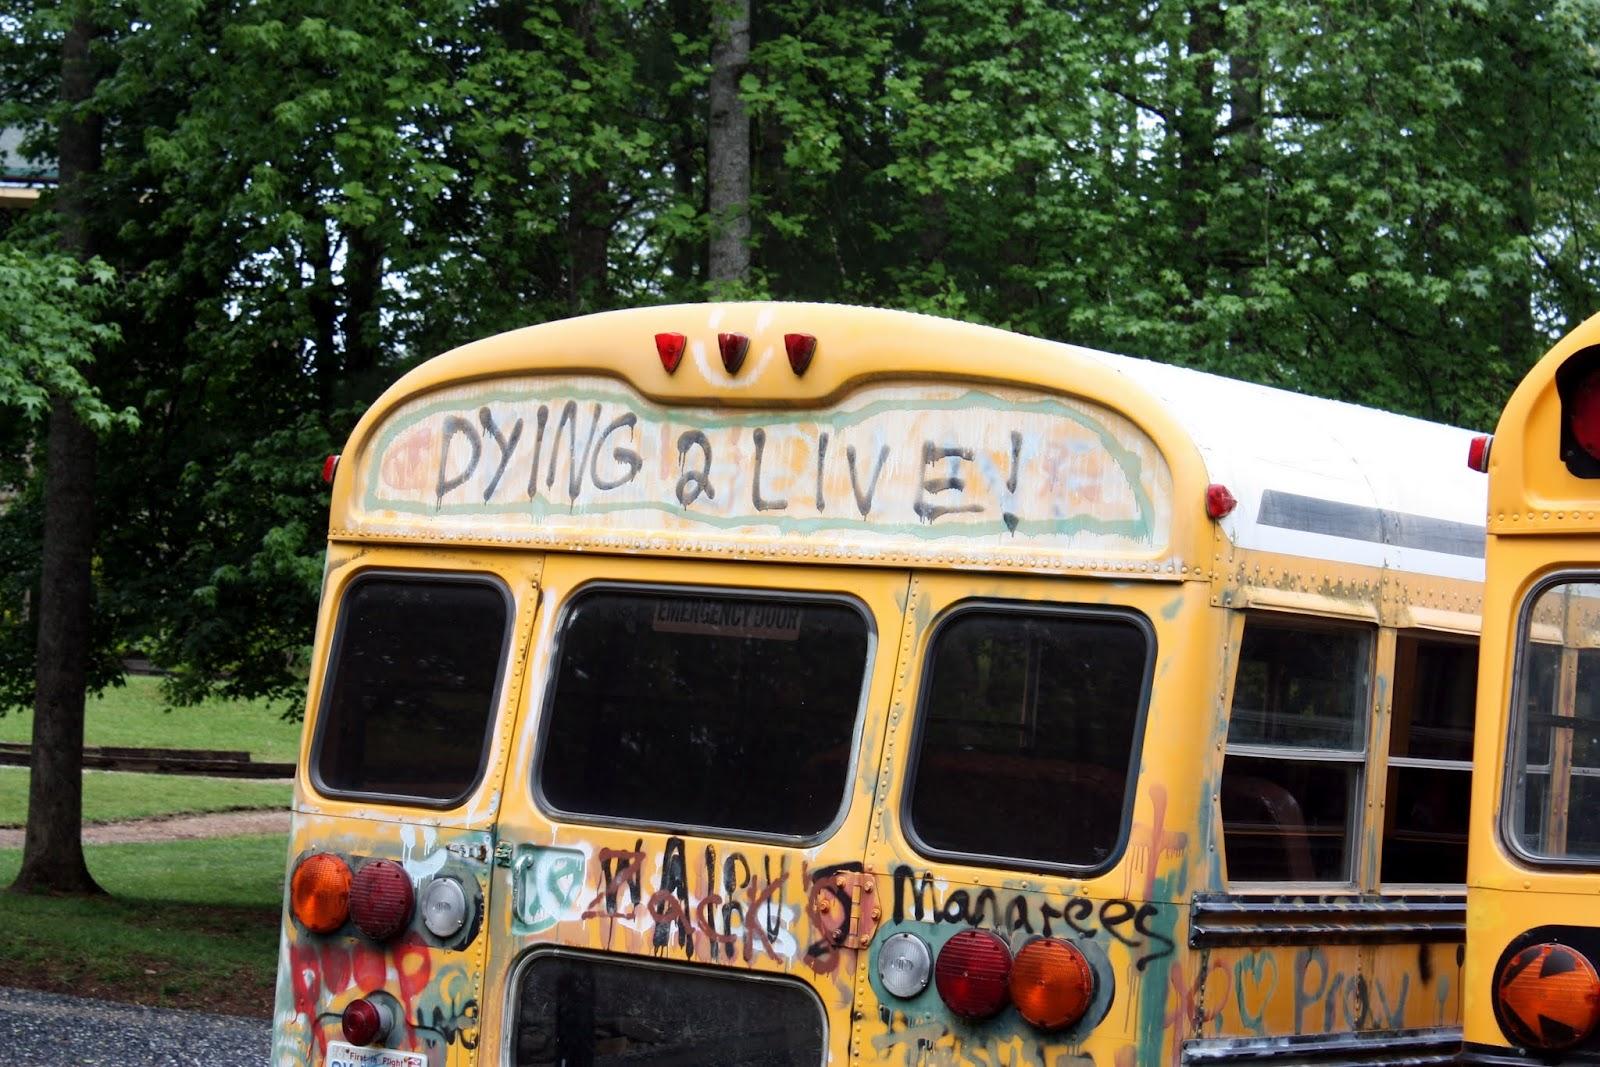 Bus to snowbird